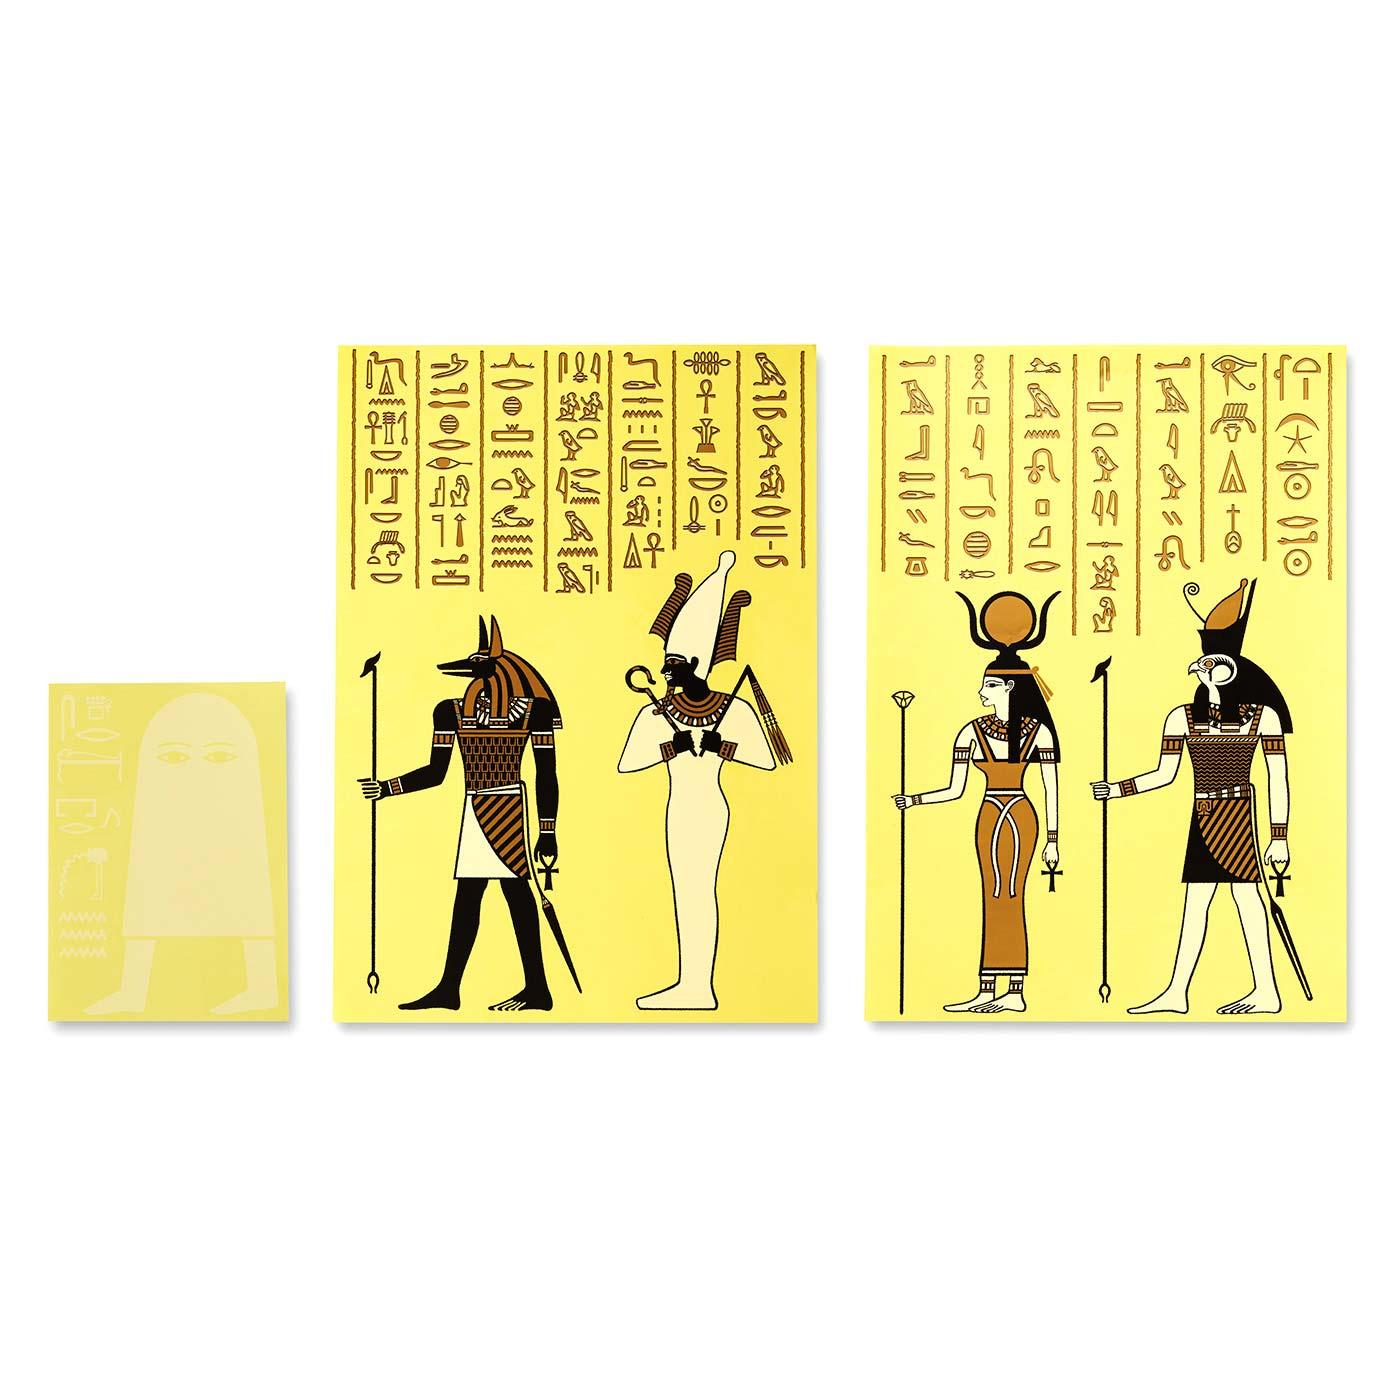 エジプトの壁画やパピルスから抽出した本格的なヒエログリフのシールとアルファベットをヒエログリフ変換した、遊び心あふれるシール、メジェドさまの蓄光シールをセットでお届け。